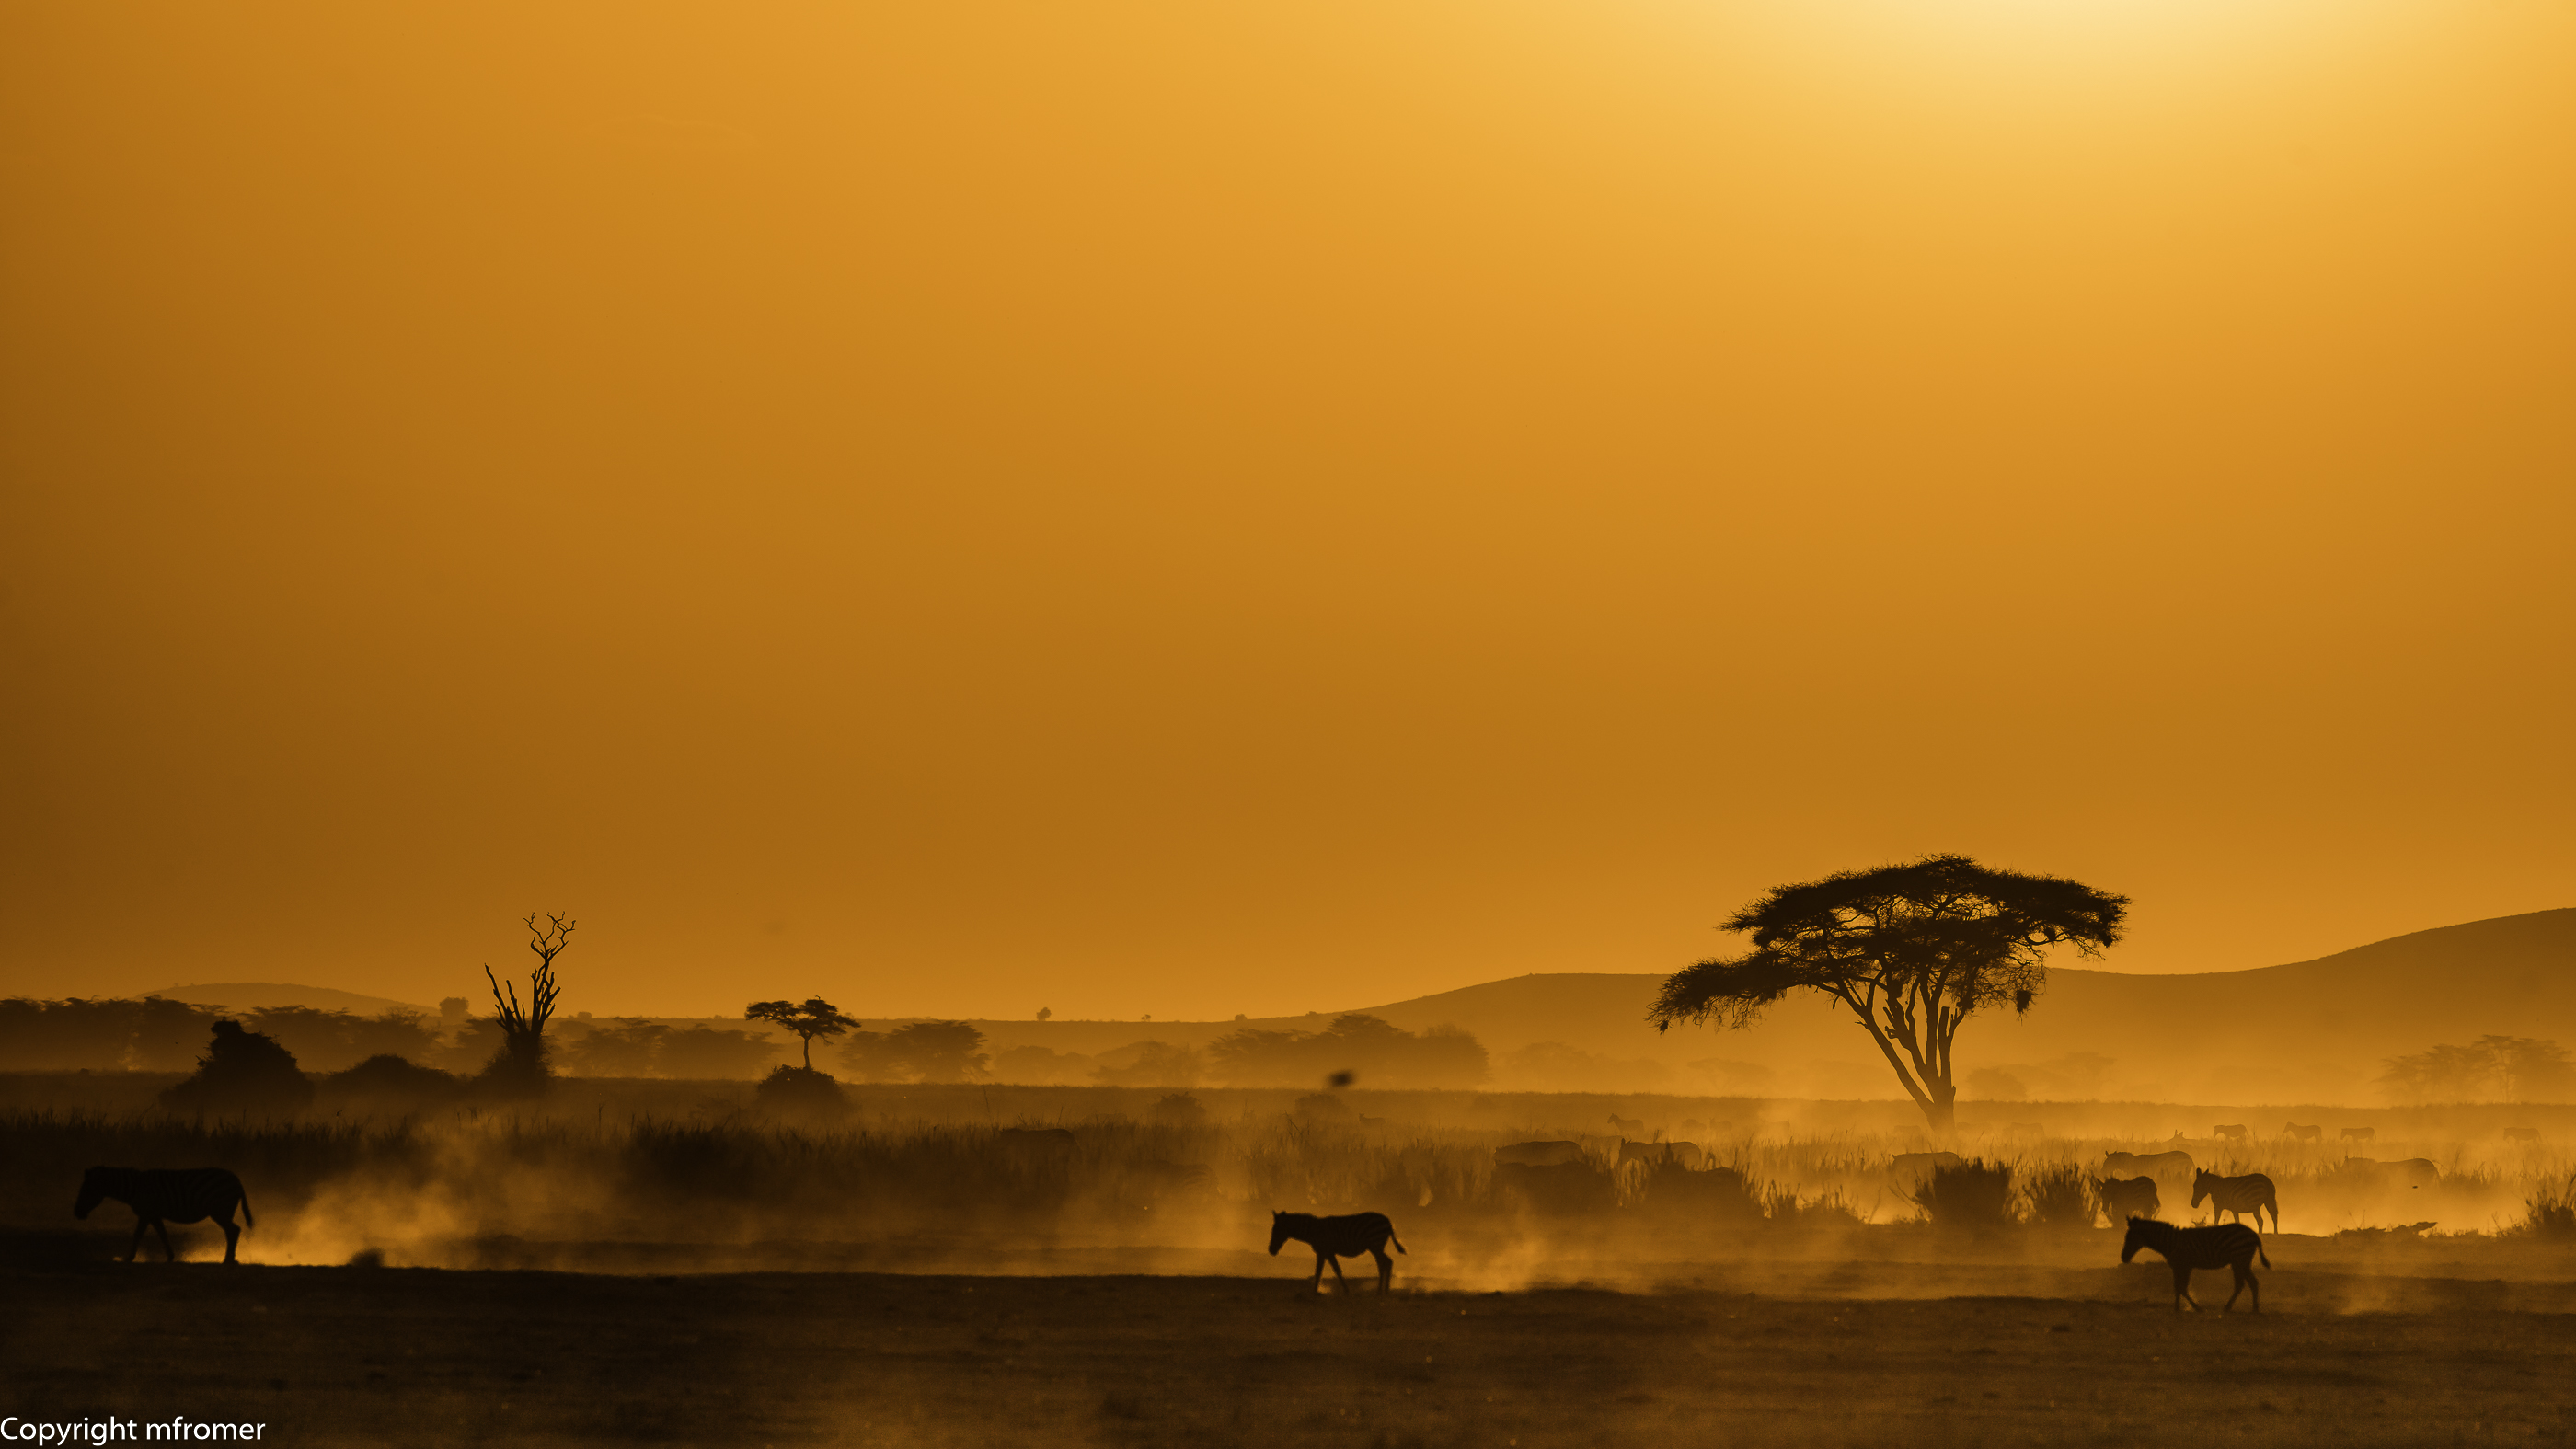 Amboseli NP